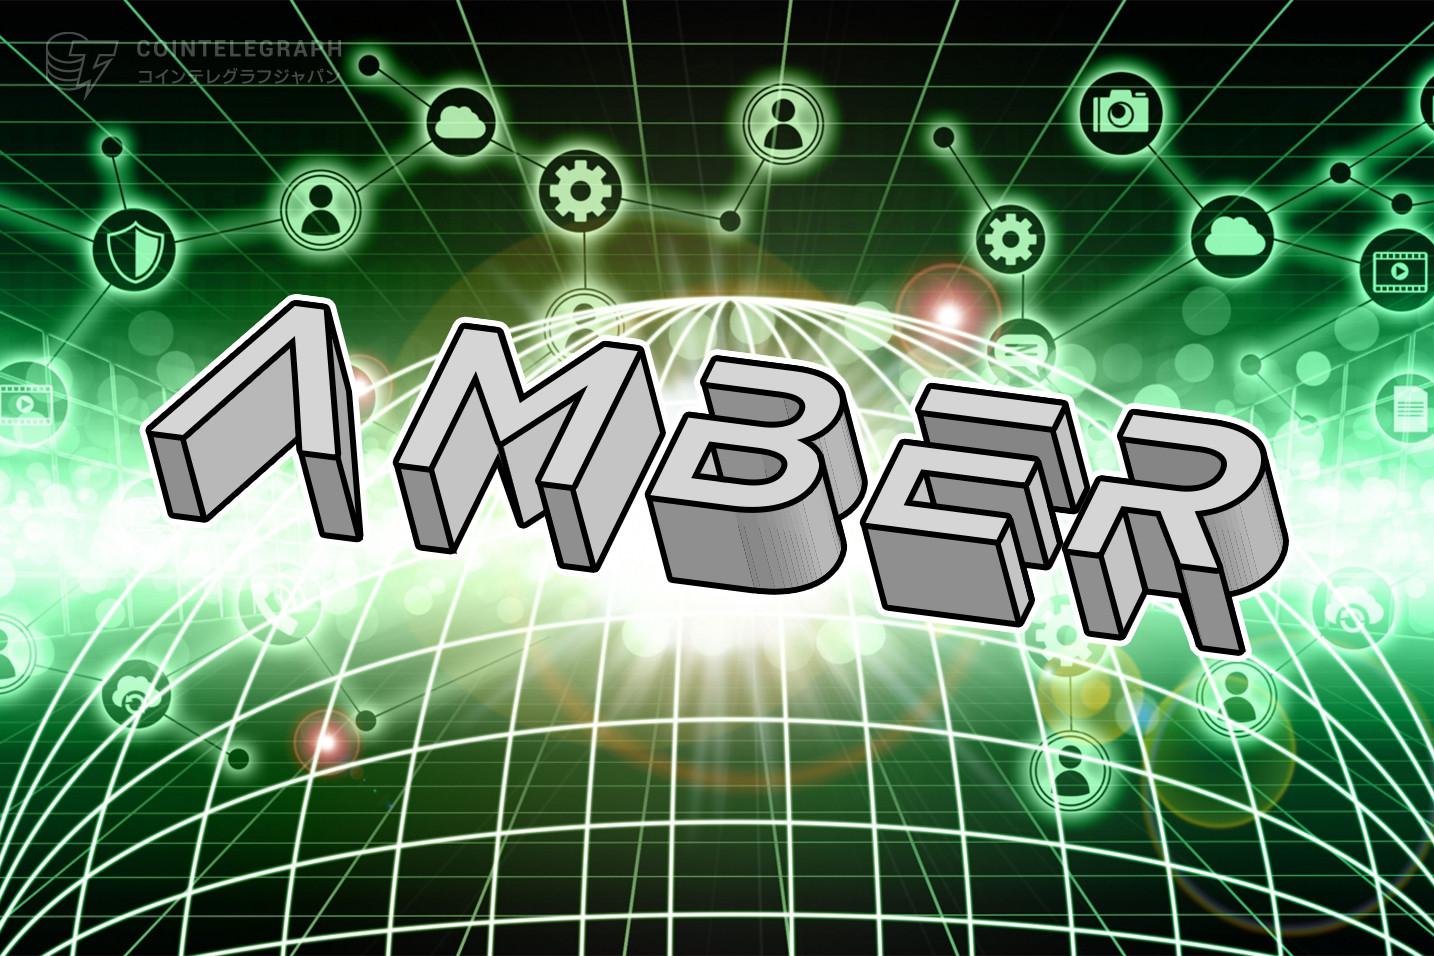 アジアユニコーン企業「 Amber Group」が、仮想通貨資産管理サービスを新たな地域へ展開、グローバルに業務拡大を目指す